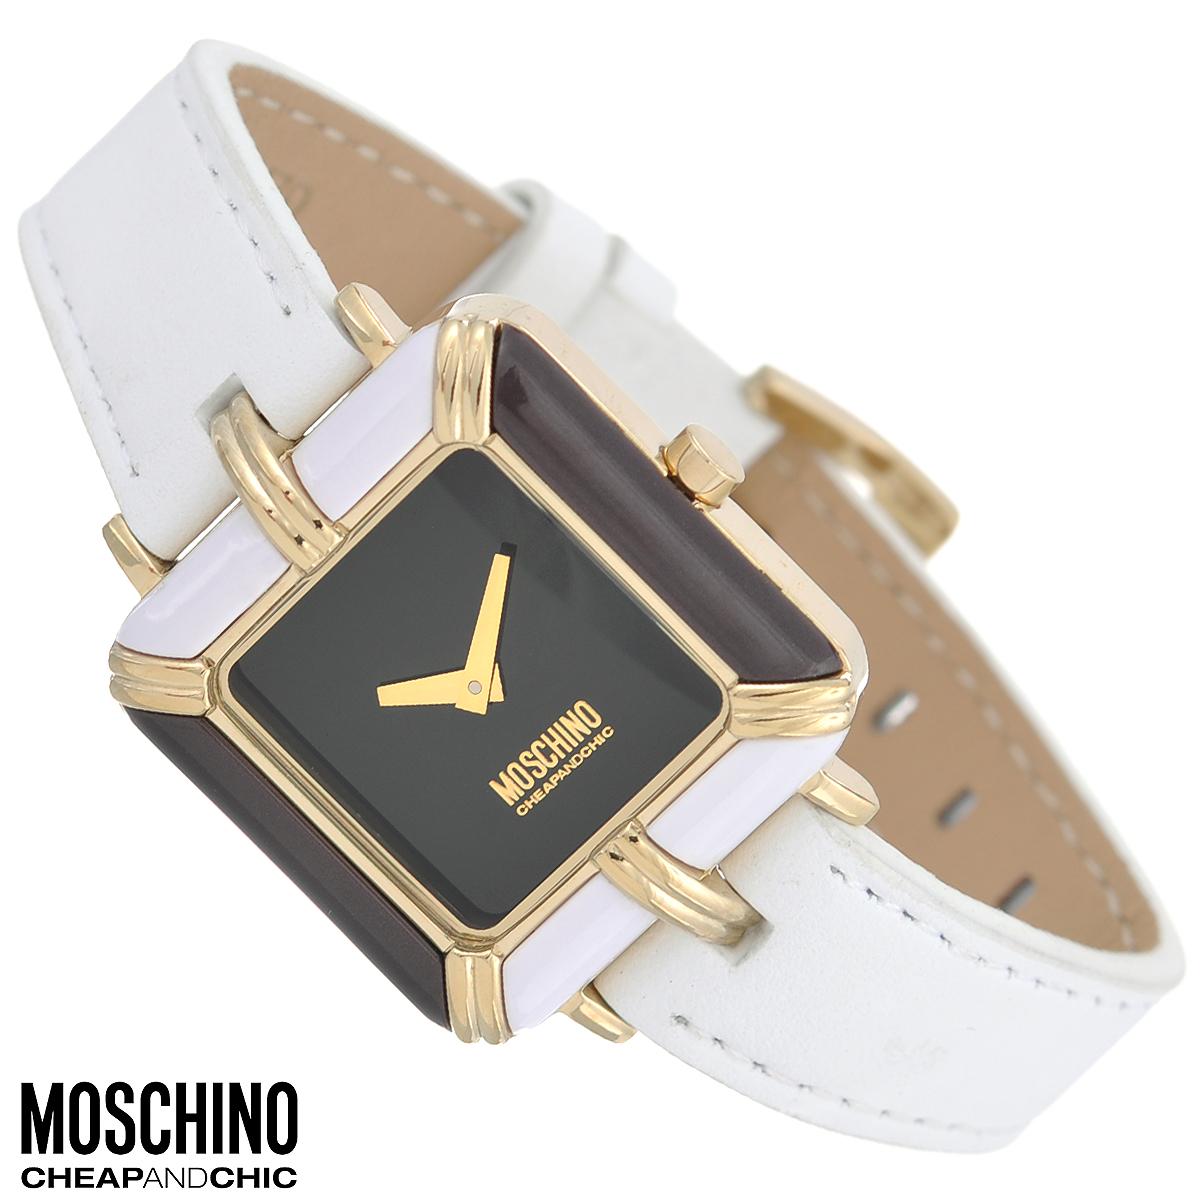 Часы женские наручные Moschino, цвет: белый, черный. MW0359MW0359Наручные часы от известного итальянского бренда Moschino - это не только стильный и функциональный аксессуар, но и современные технологи, сочетающиеся с экстравагантным дизайном и индивидуальностью. Часы Moschino оснащены кварцевым механизмом. Корпус квадратной формы выполнен из высококачественной нержавеющей стали с PVD-покрытием и вставками из смолы. Циферблат без отметок защищен минеральным стеклом. Часы имеют две стрелки - часовую и минутную. Ремешок часов выполнен из натуральной кожи и оснащен классической застежкой. Часы упакованы в фирменную металлическую коробку с логотипом бренда. Часы Moschino благодаря своему уникальному дизайну отличаются от часов других марок своеобразными циферблатами, функциональностью, а также набором уникальных технических свойств. Каждой модели присуща легкая экстравагантность, самобытность и, безусловно, великолепный вкус. Характеристики: Размер циферблата: 2 см х 2 см. Размер корпуса:...